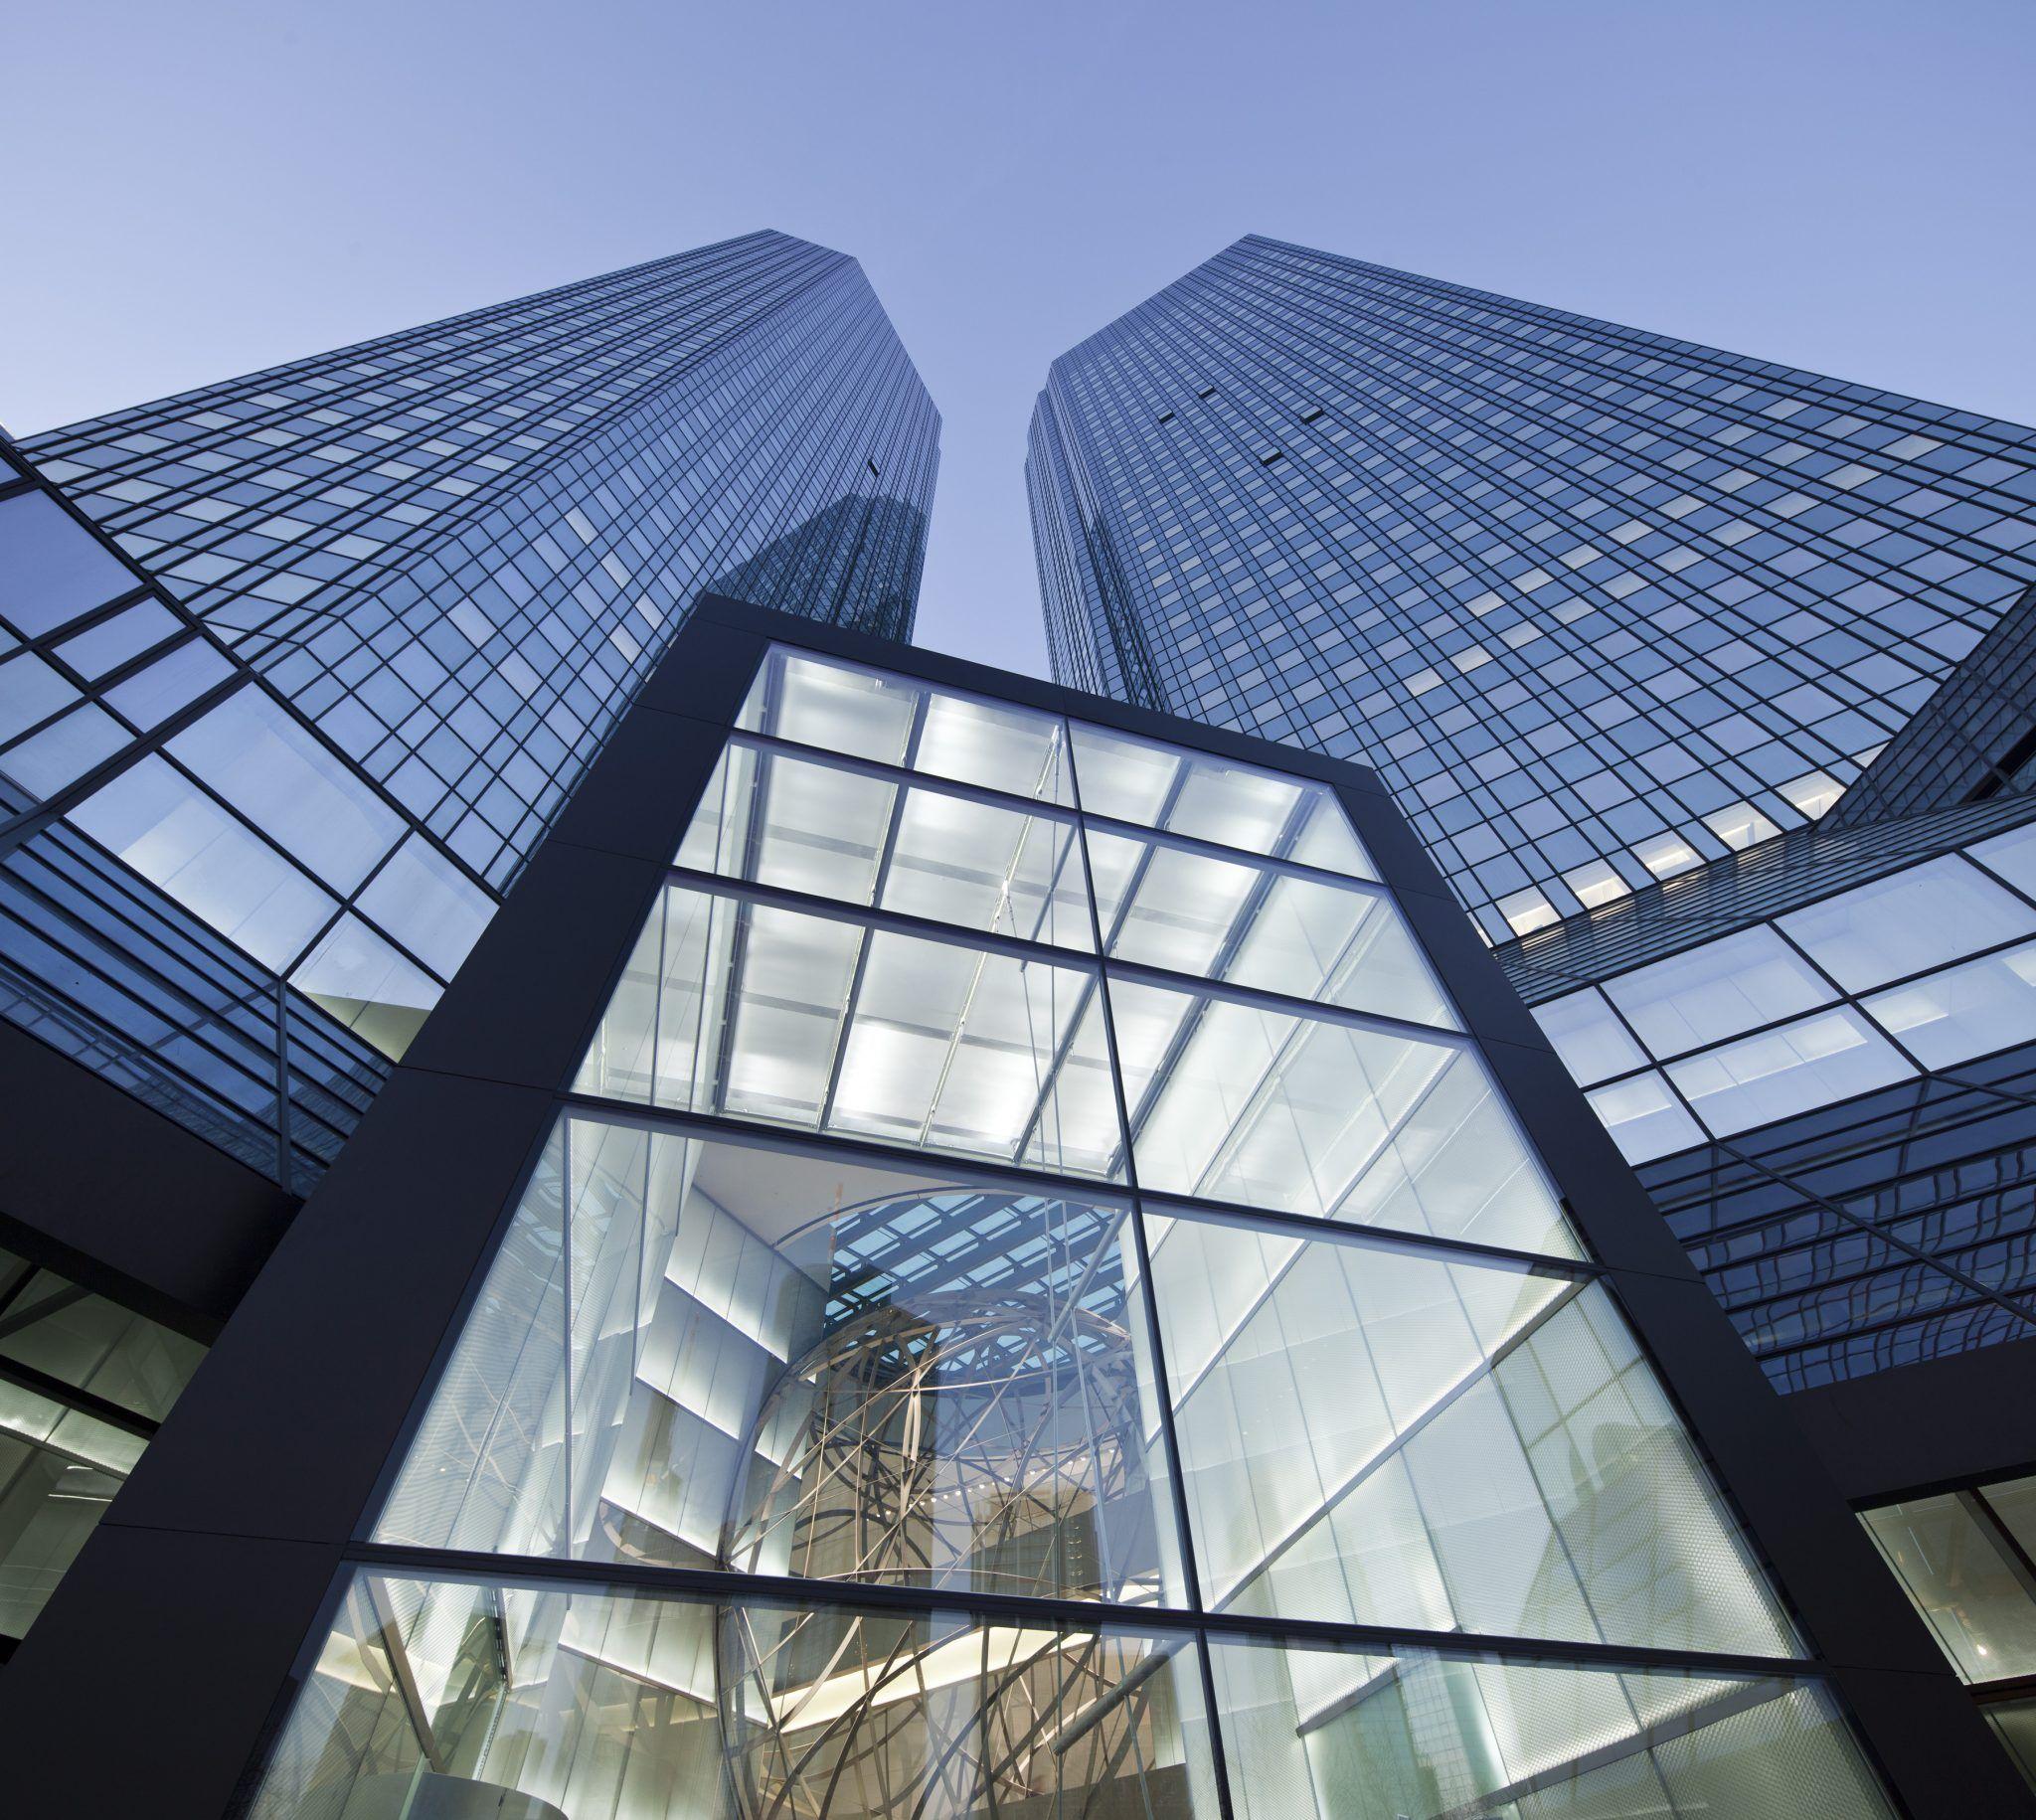 Deutsche Bank To Redeem Its Usd 800 Million 6 55 Trust Preferred Securities Of Deutsche Bank Contingent Capital Trust Ii Europawire Eu In 2020 Gebouwen